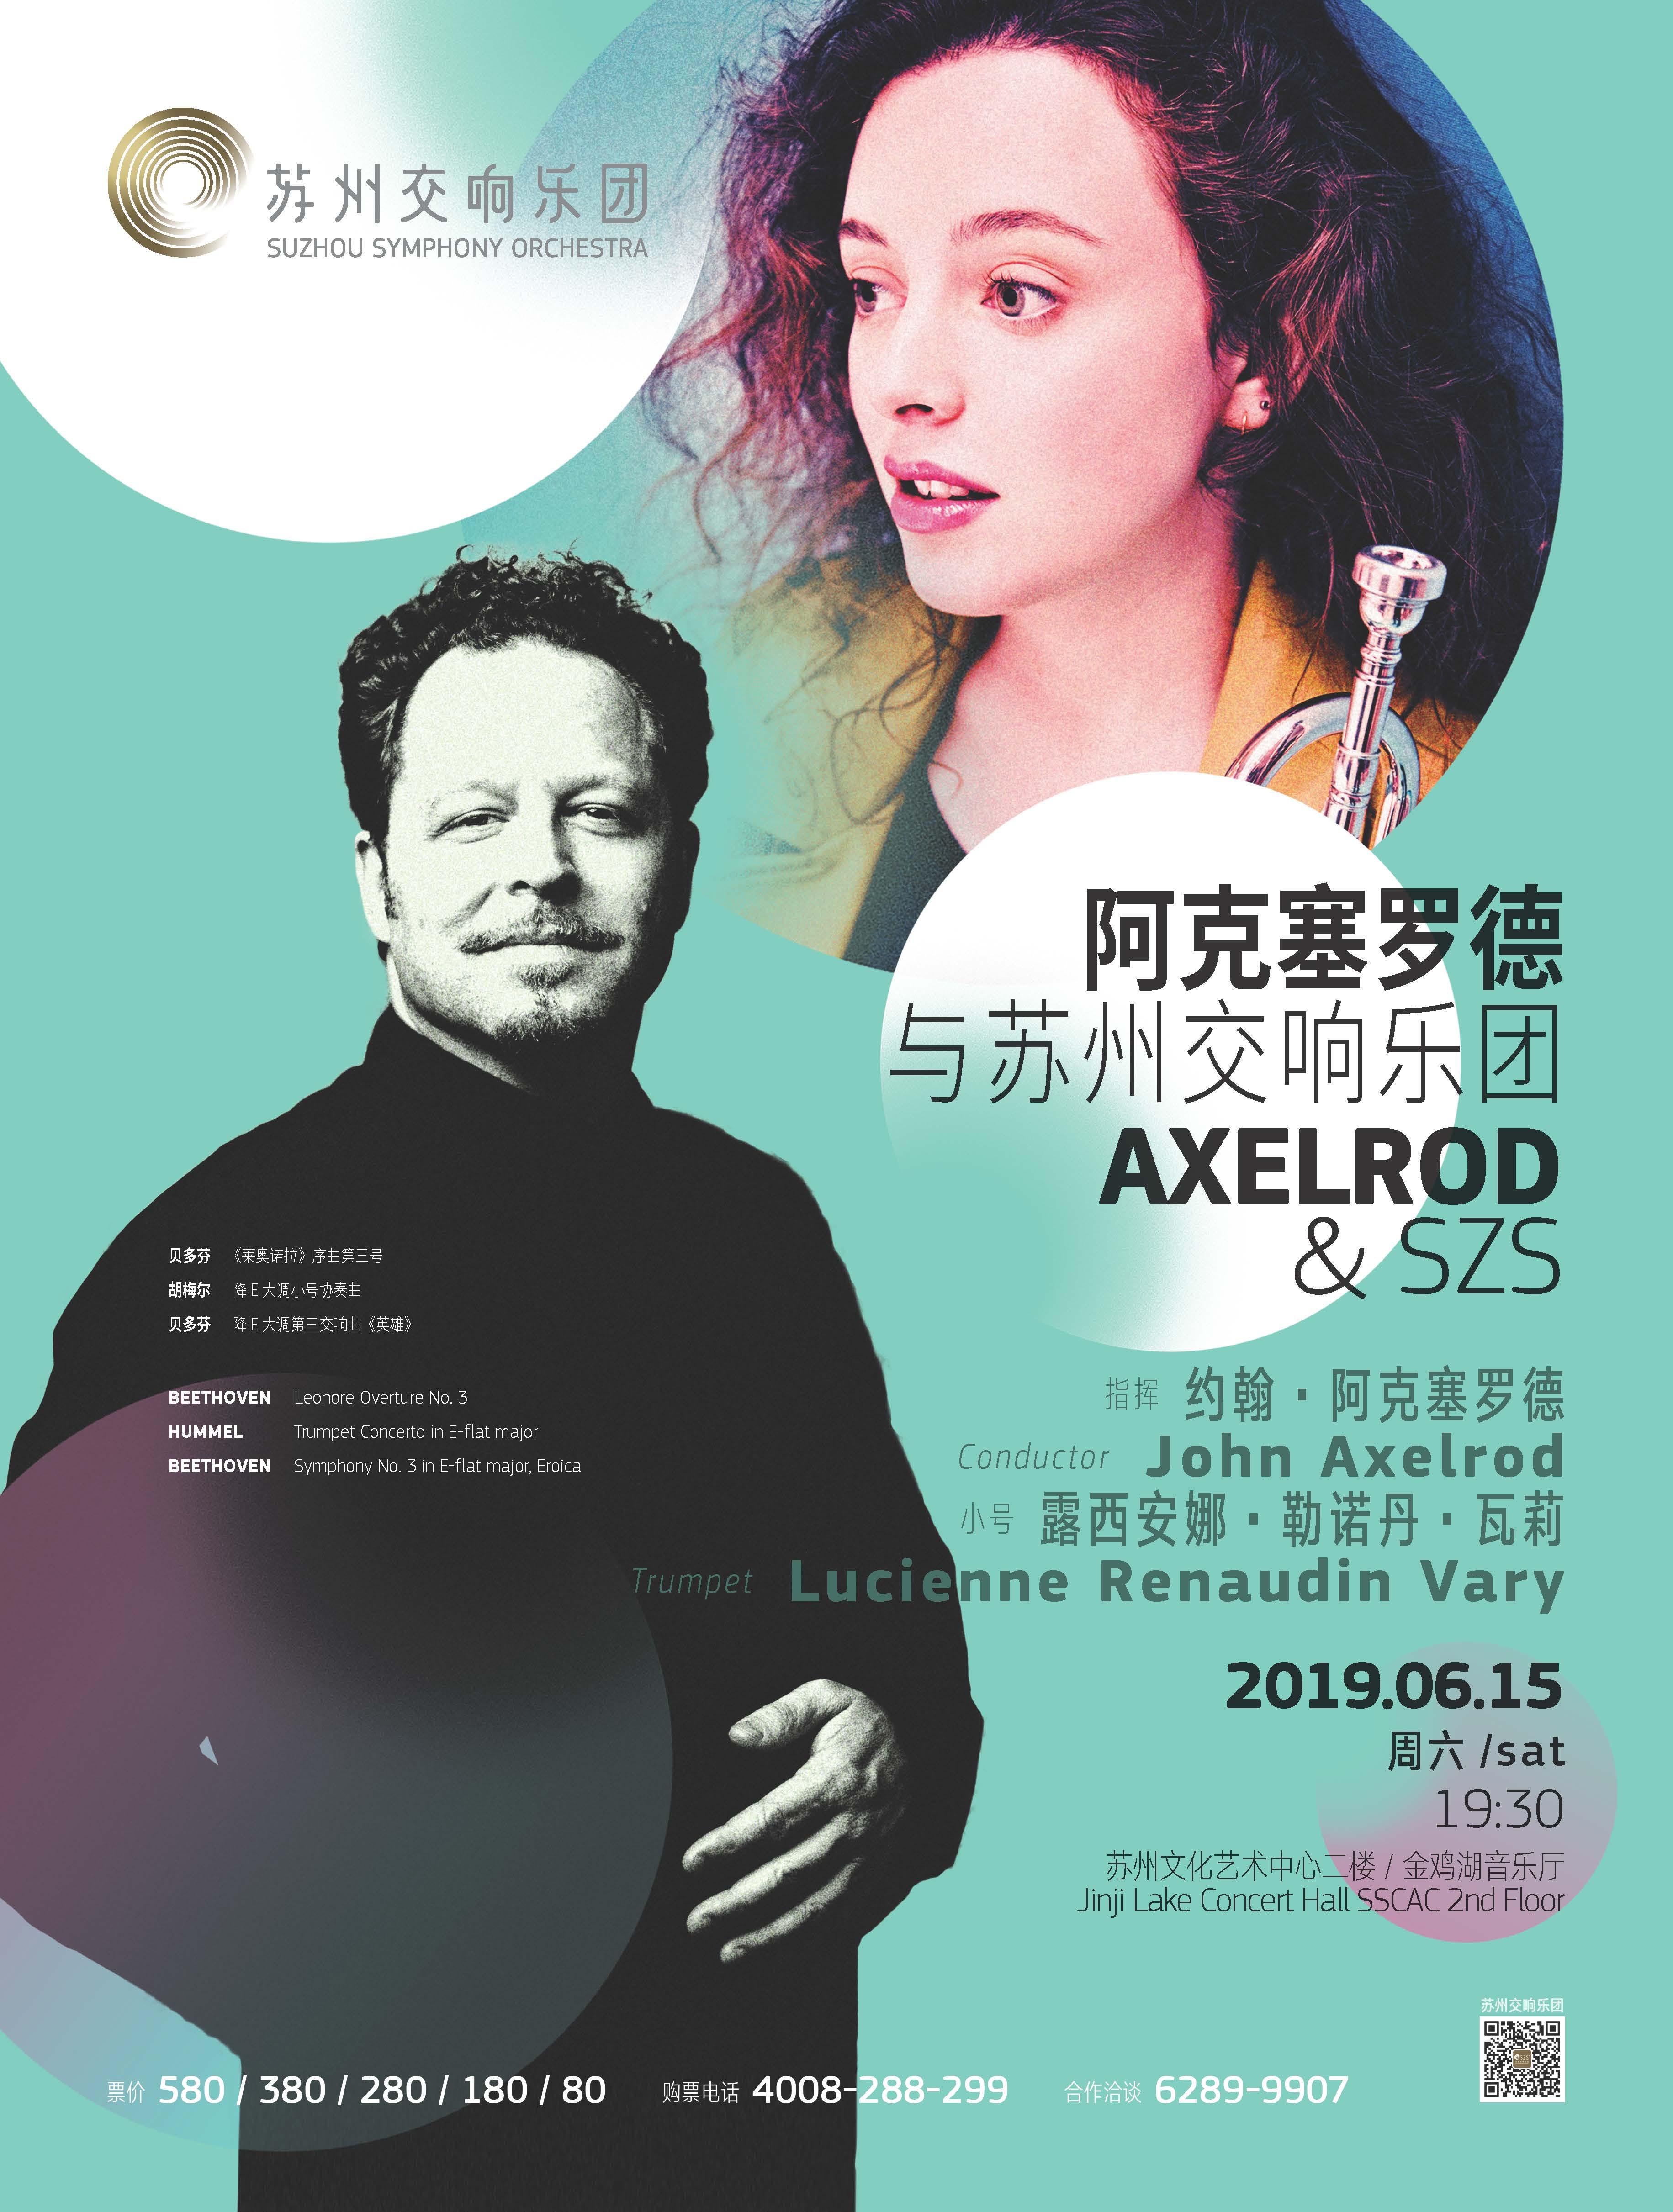 SZS 2018/19 SEASON–阿克塞罗德与苏州交响乐团(主办)